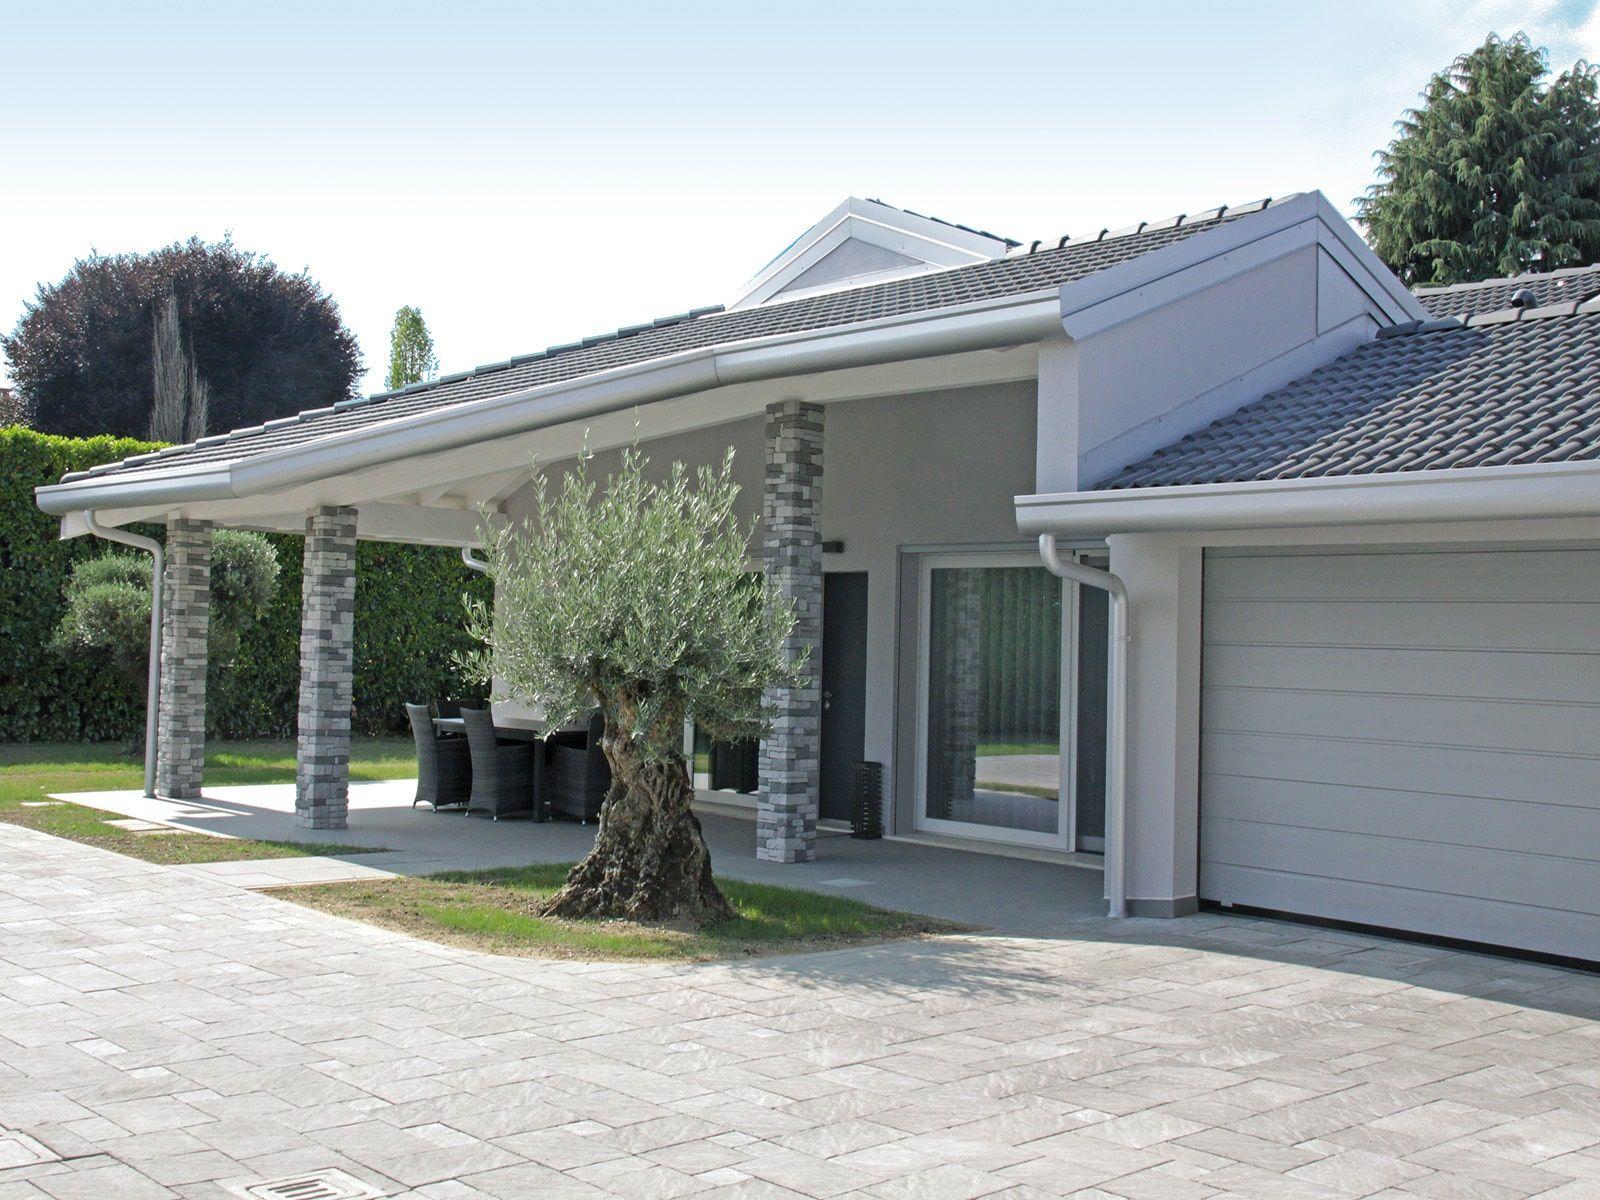 Villa In Legno Pognano Bg Nel 2020 Design Esterno Di Casa